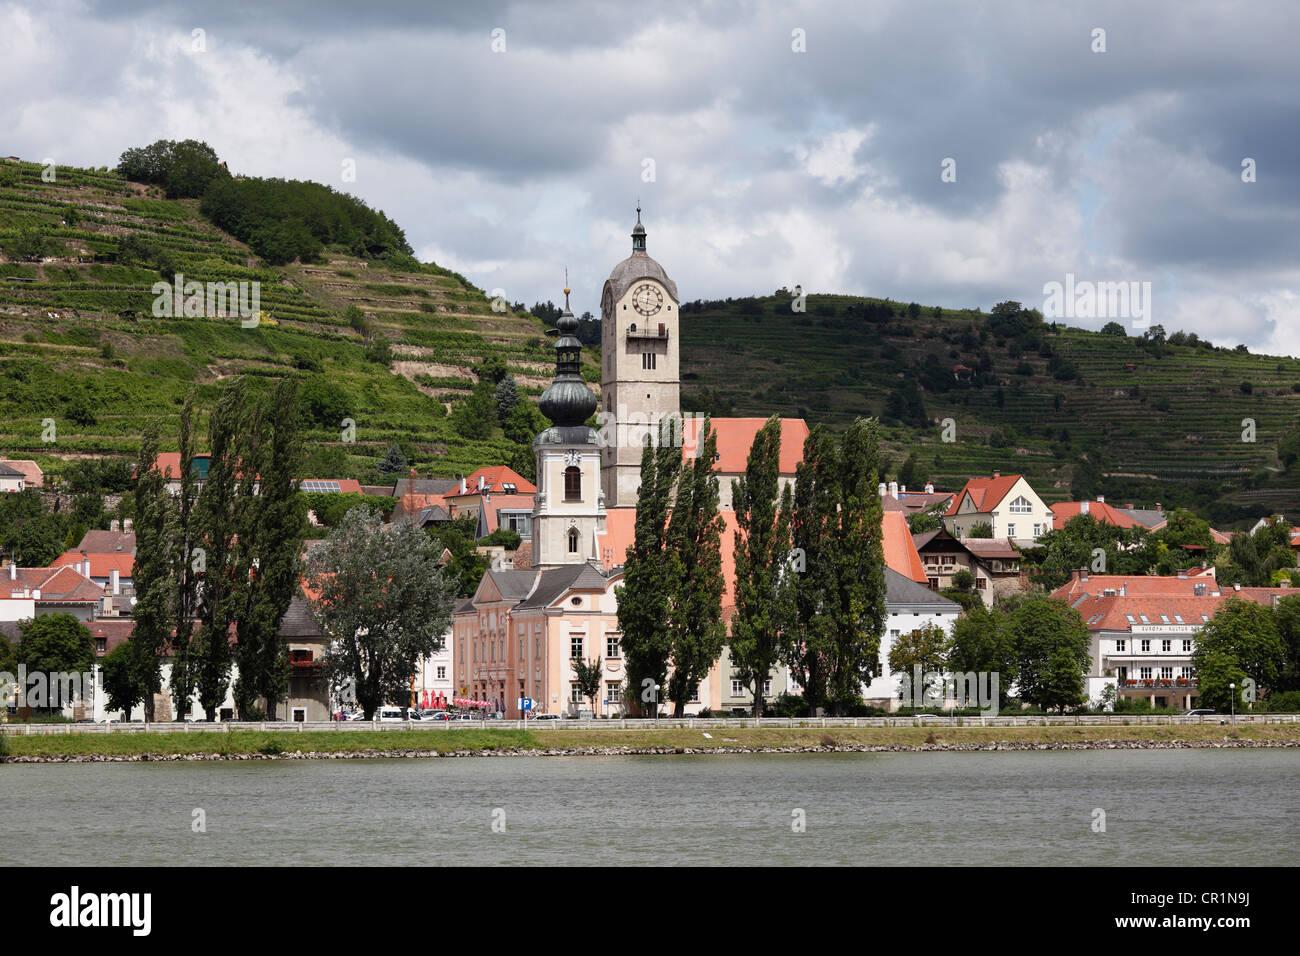 Stein an der Donau, Wachau, Niederösterreich, Österreich Stockbild